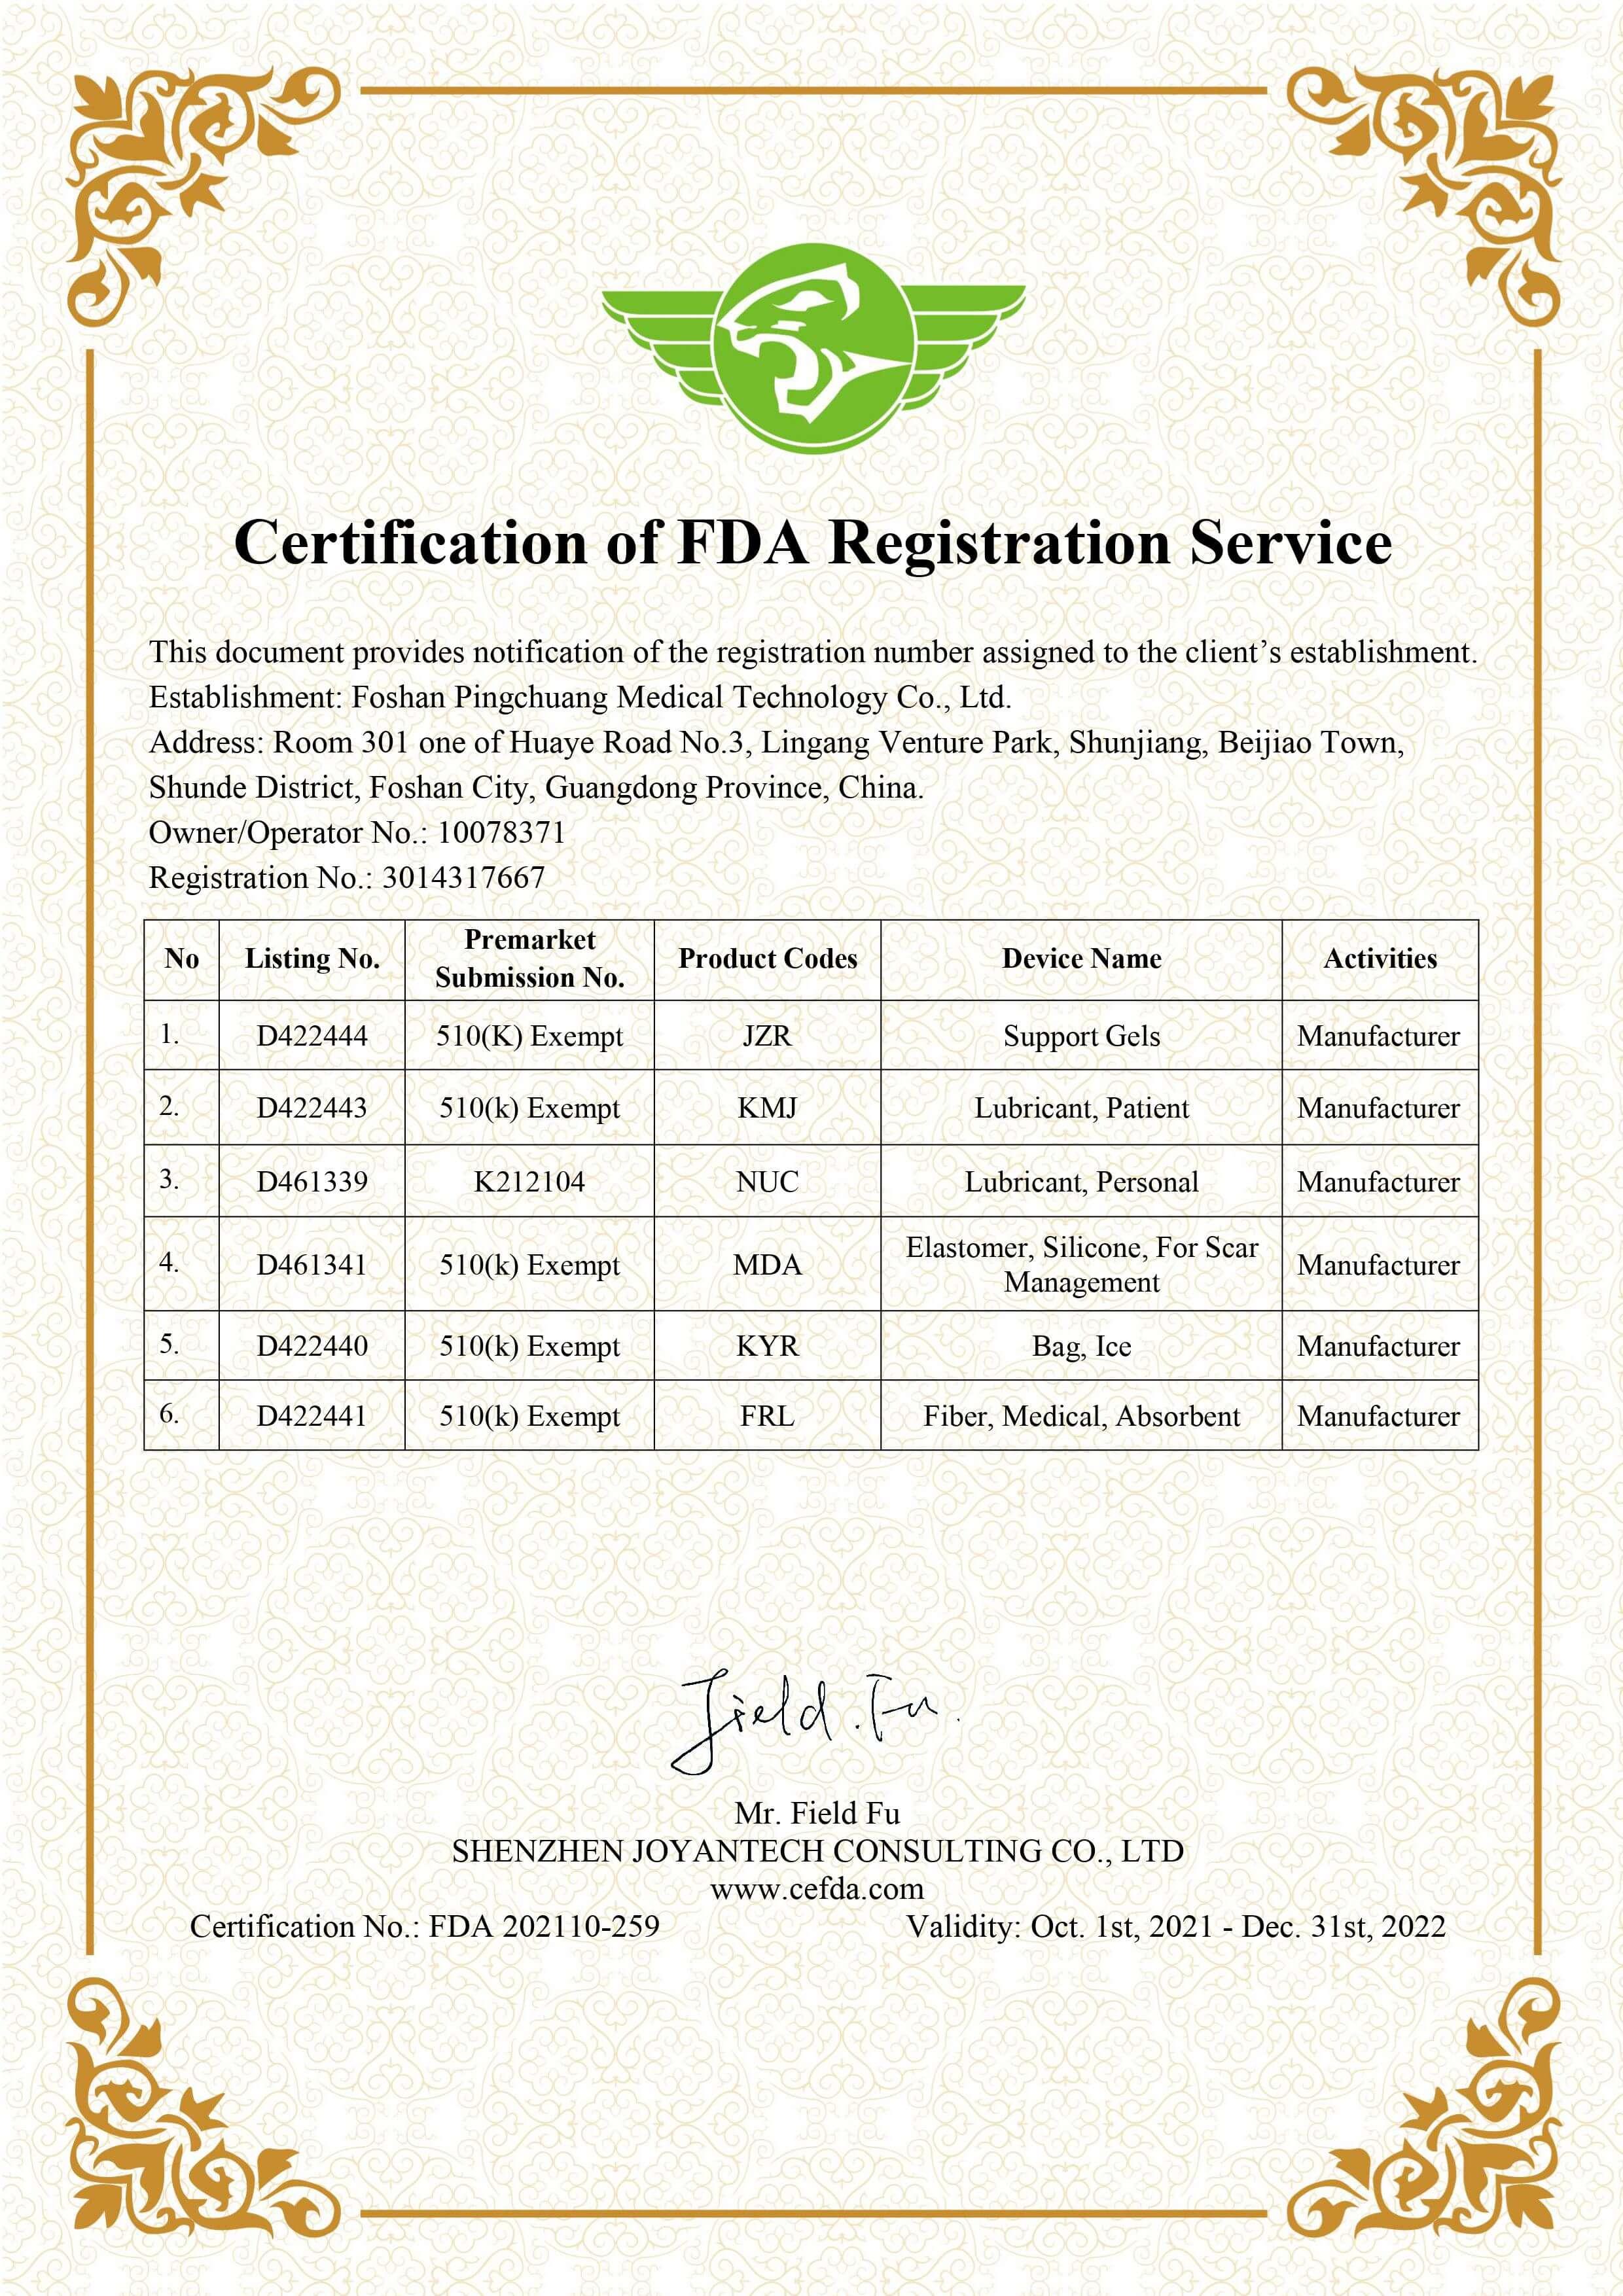 【平创医疗】美国FDA认证